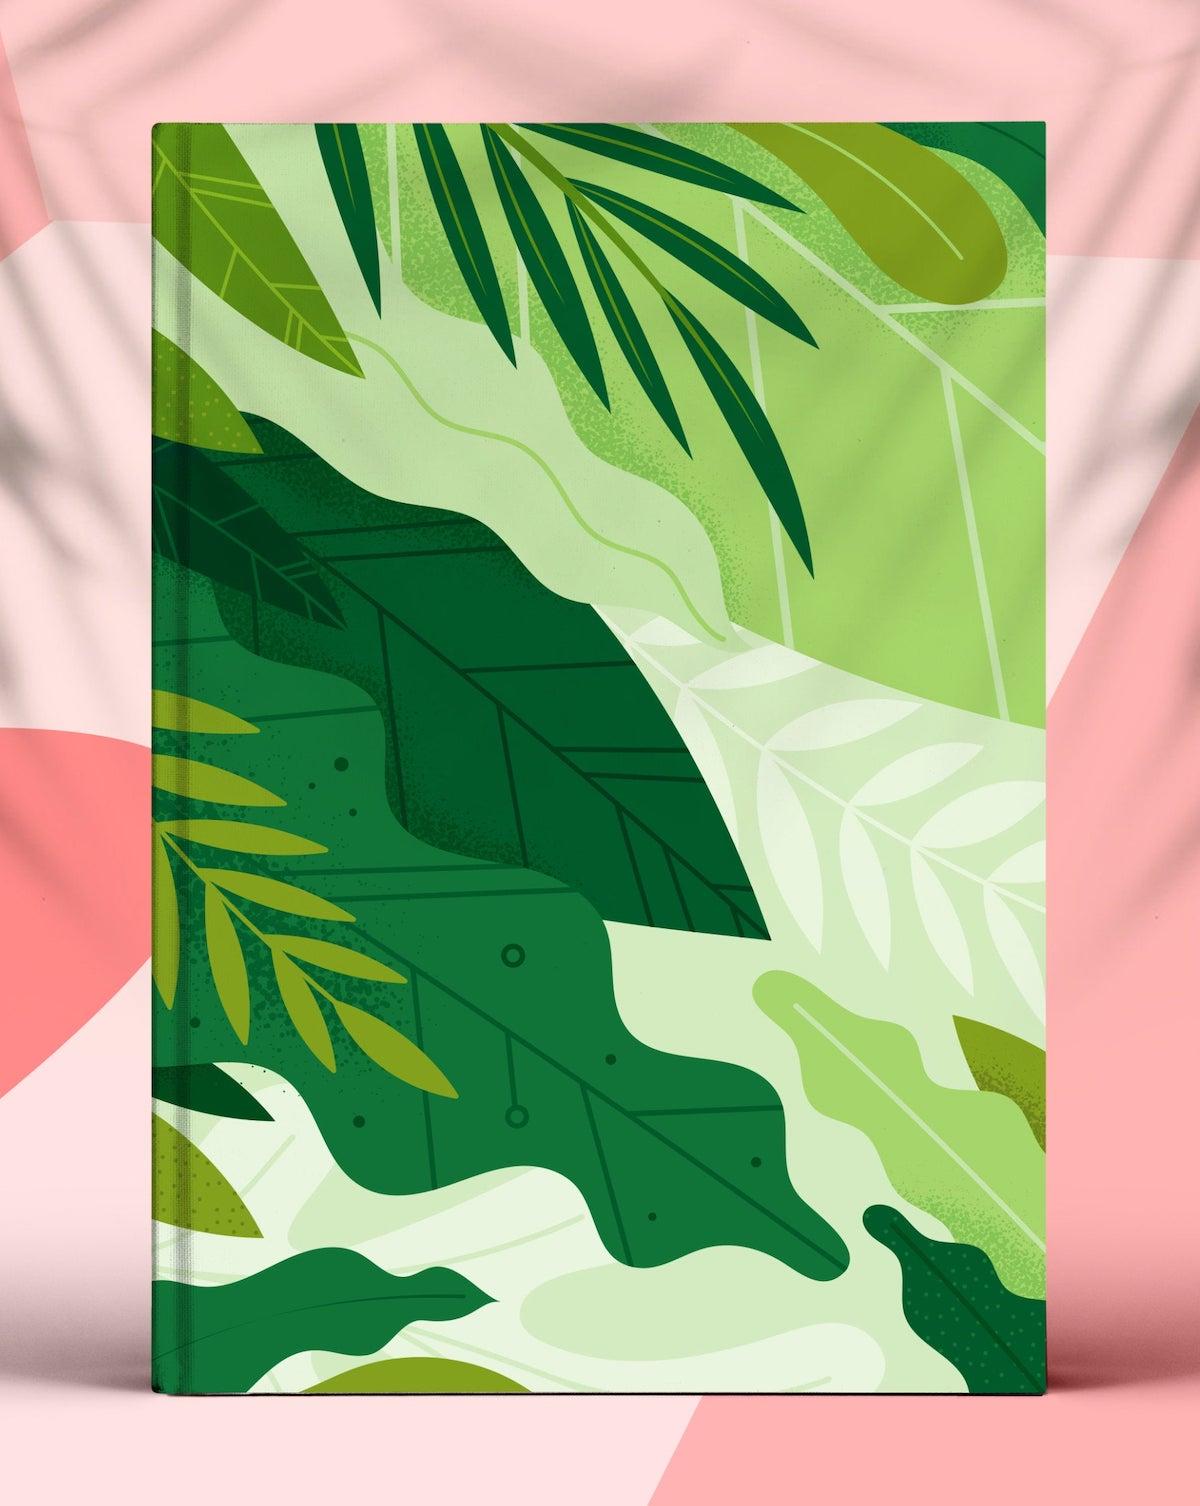 agenda moderne 2020 plante verte tropicale fond rose